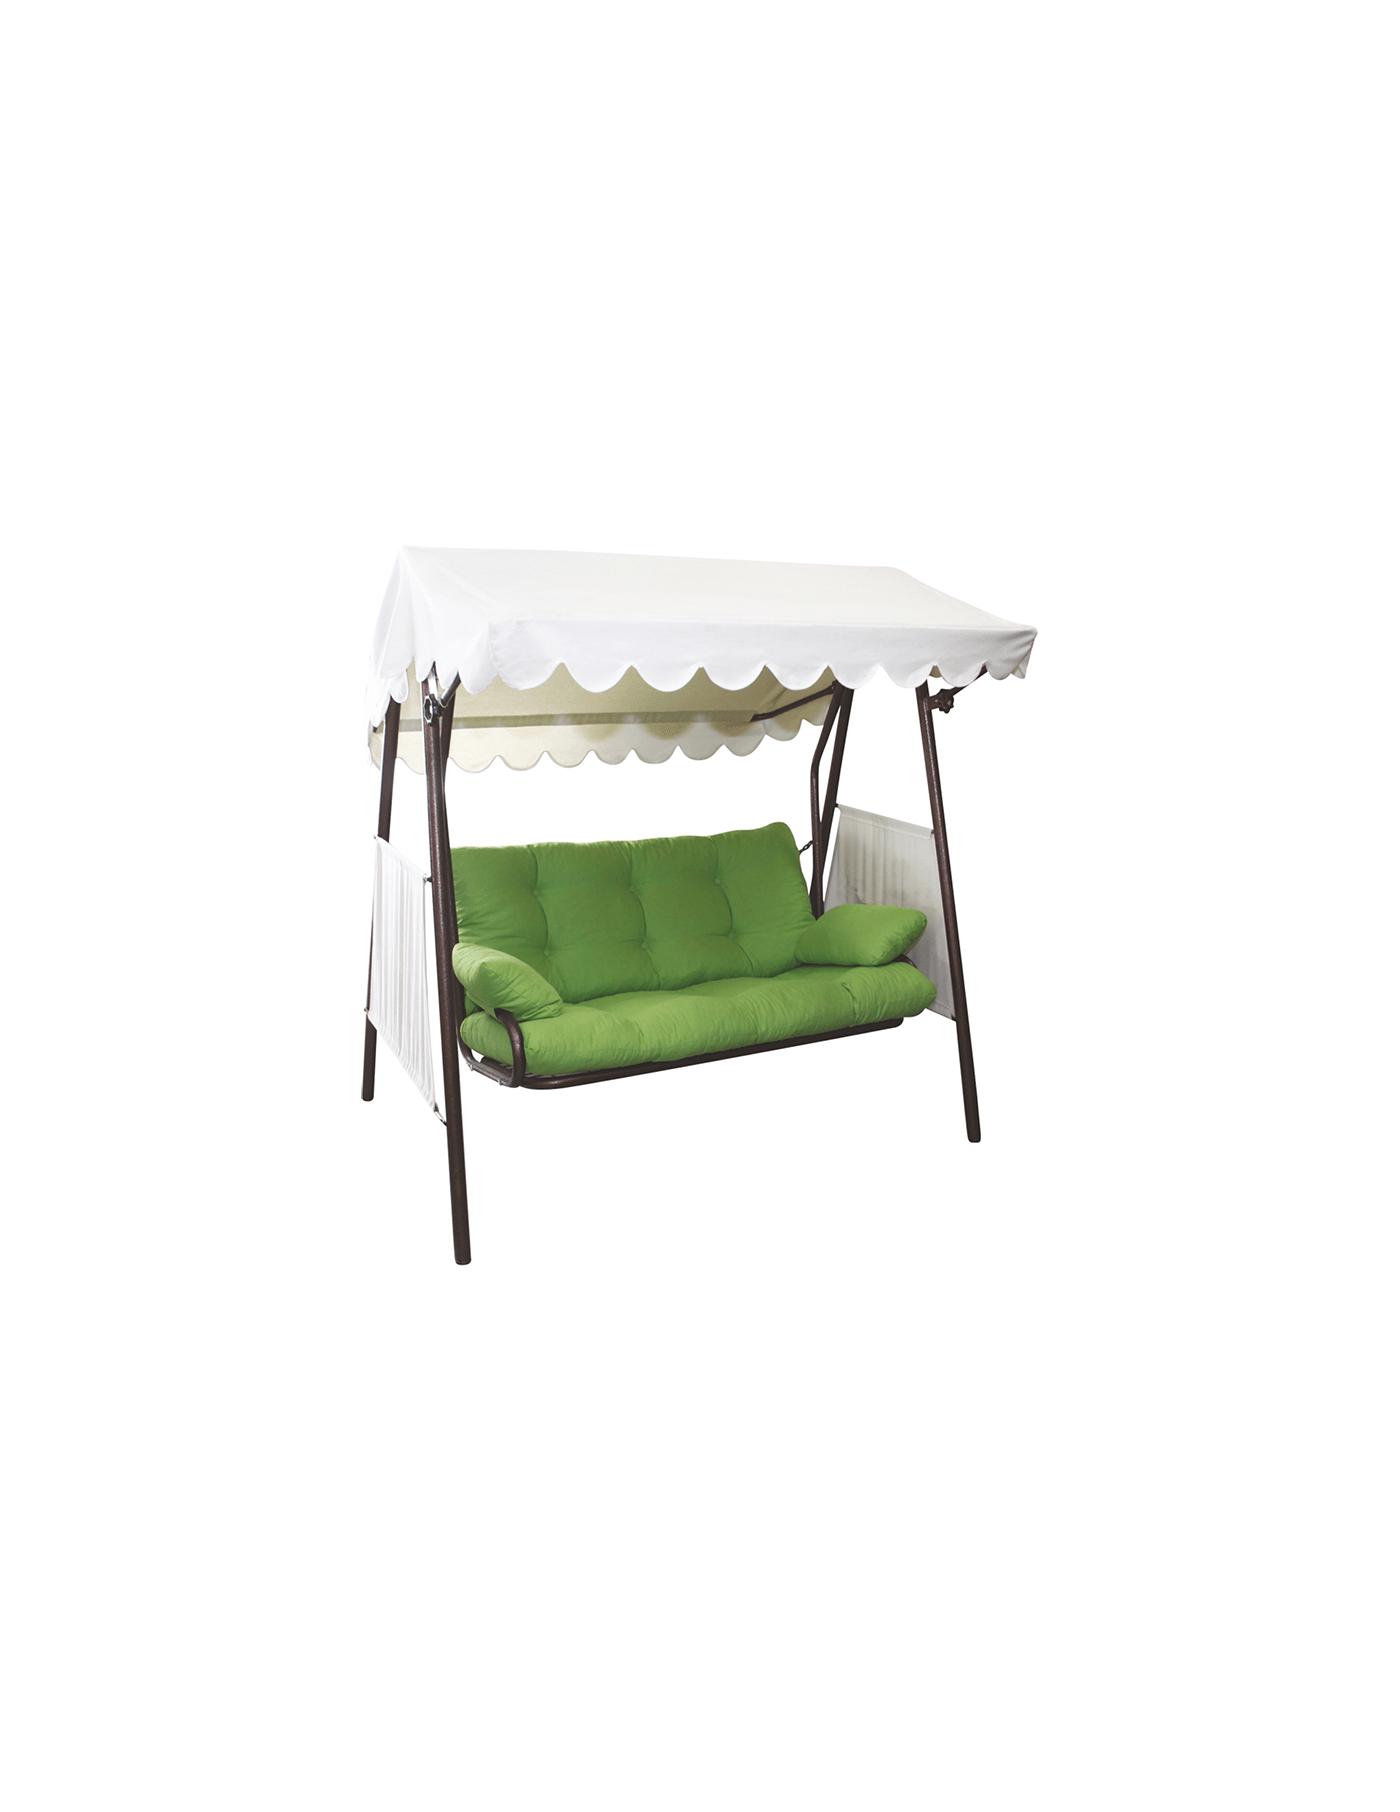 41e71d0a257 SG15206. κούνια κρεβάτι BELLA – GardenHome